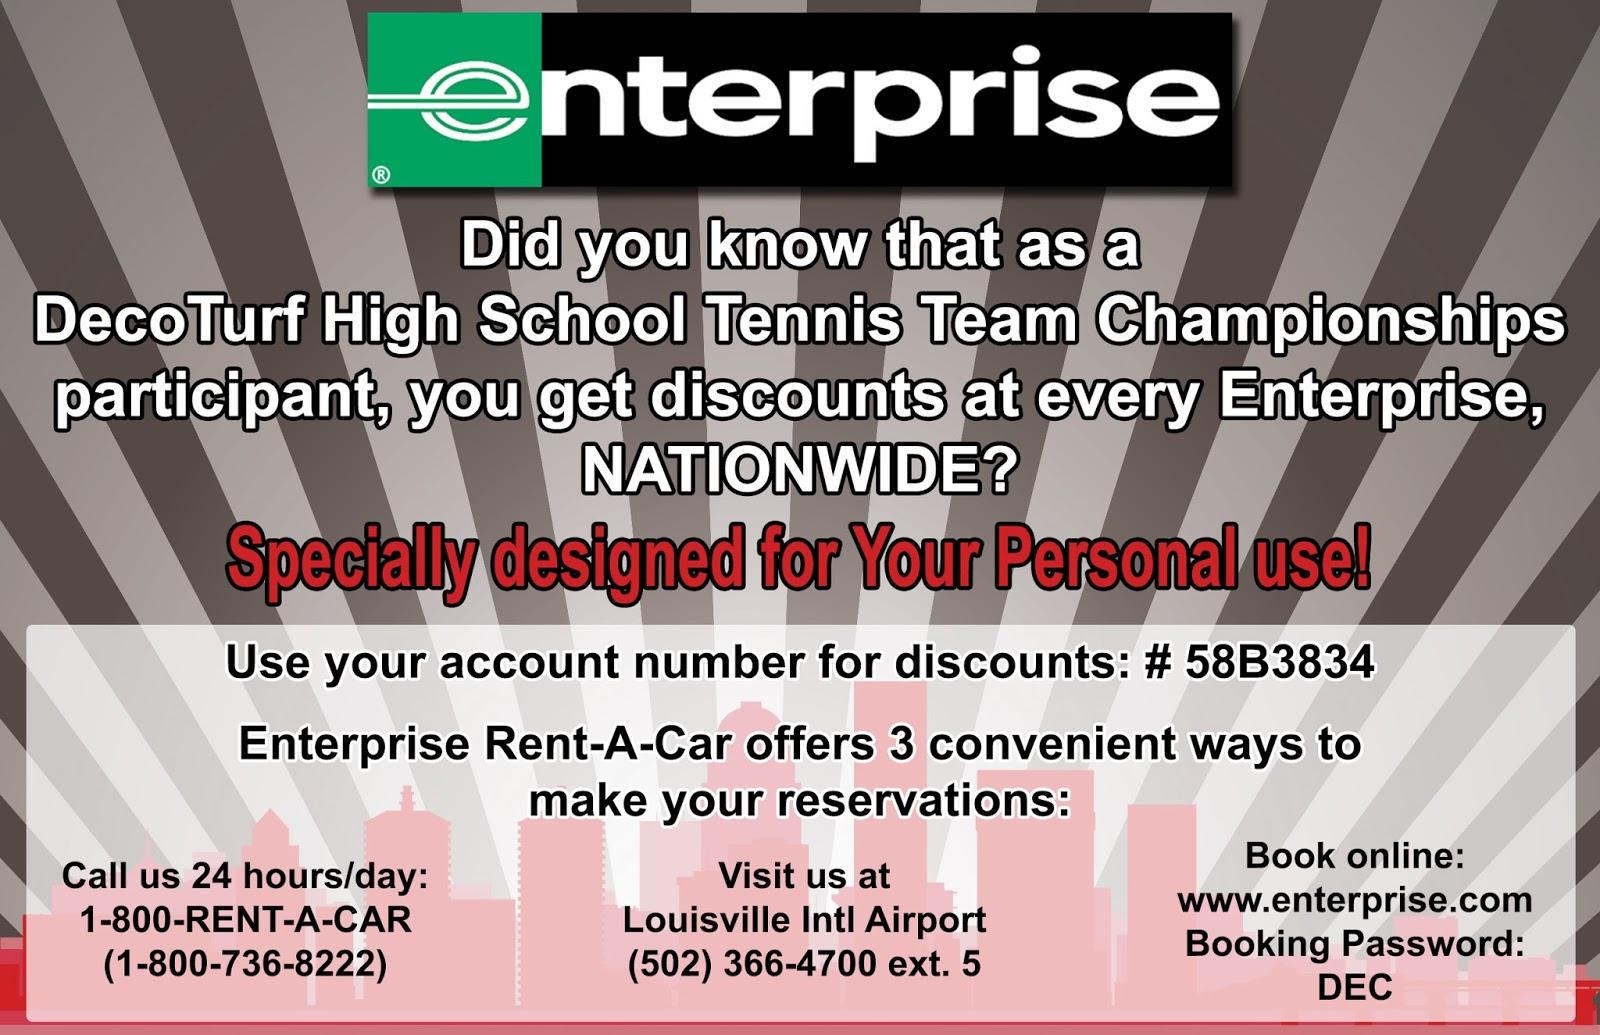 Enterprise coupon codes 2018